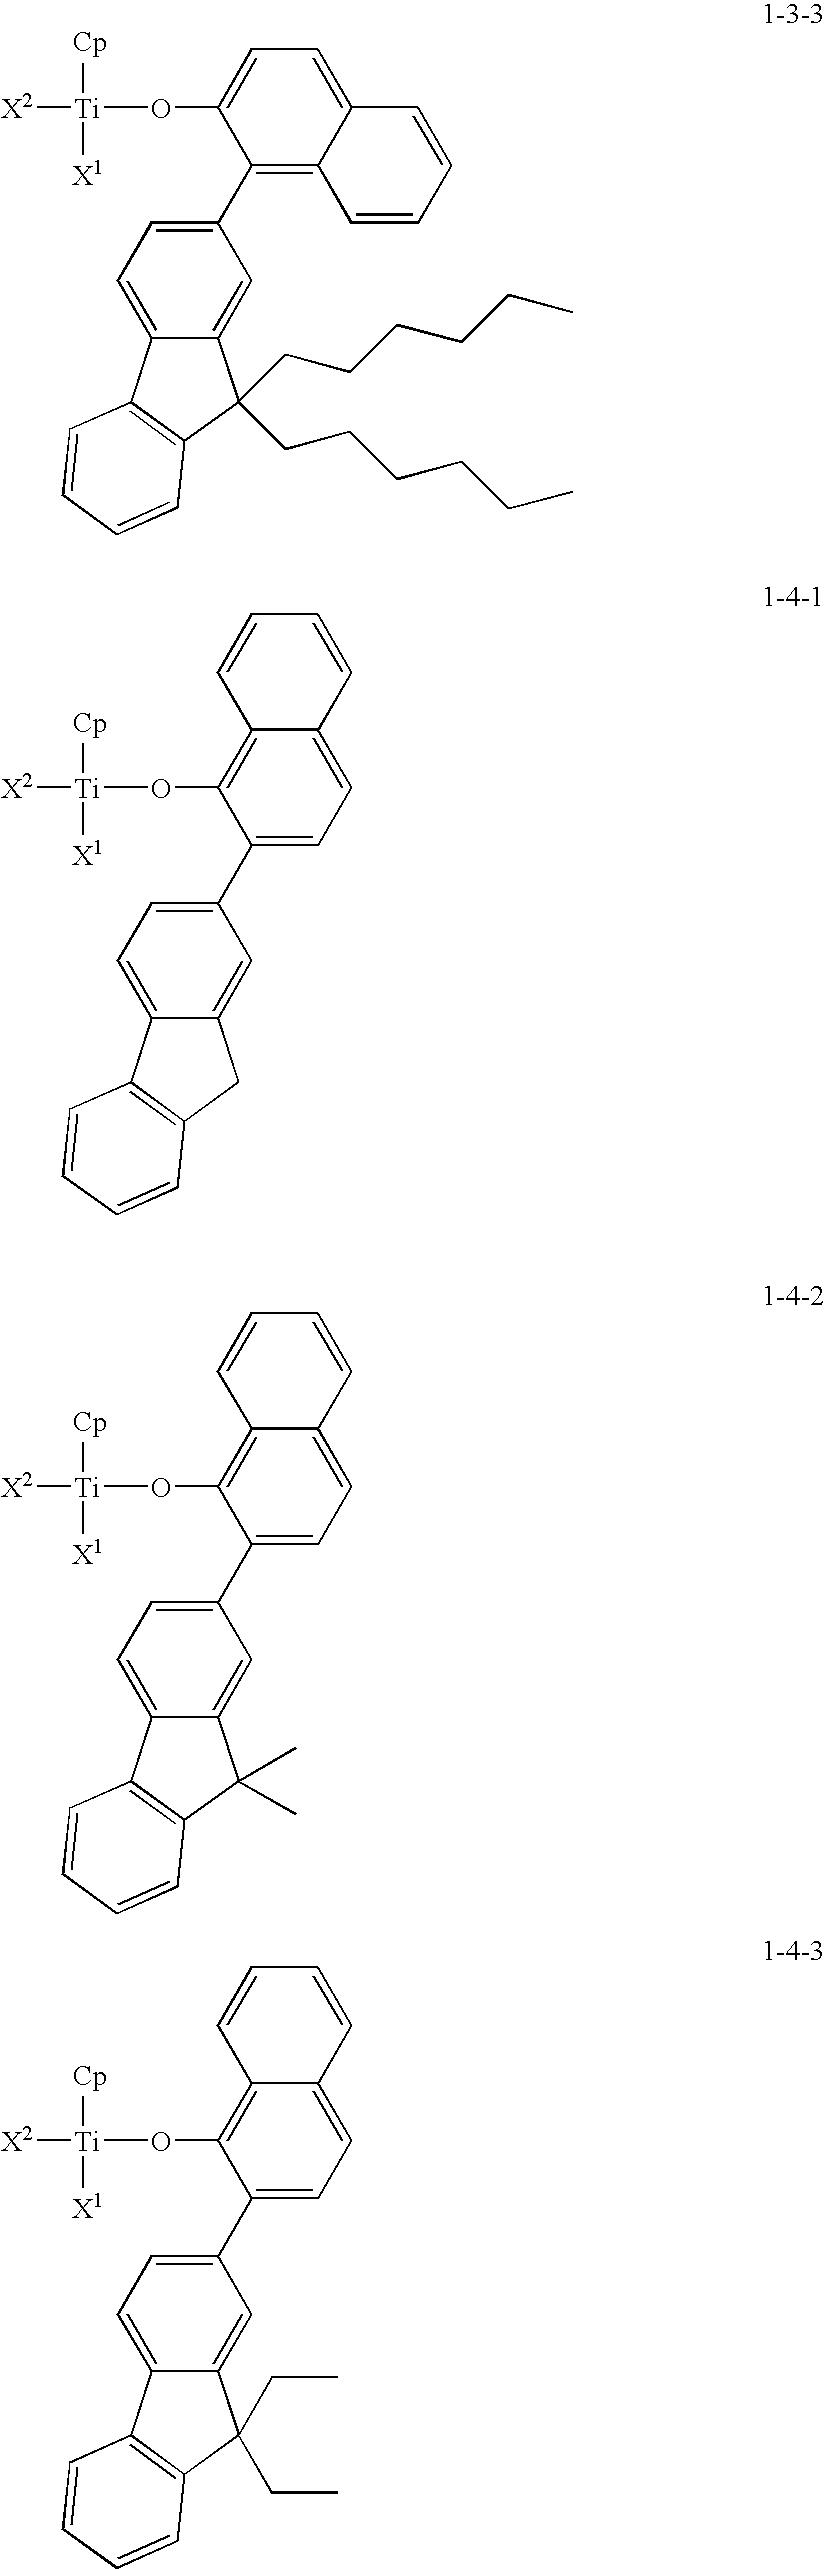 Figure US20100081776A1-20100401-C00063